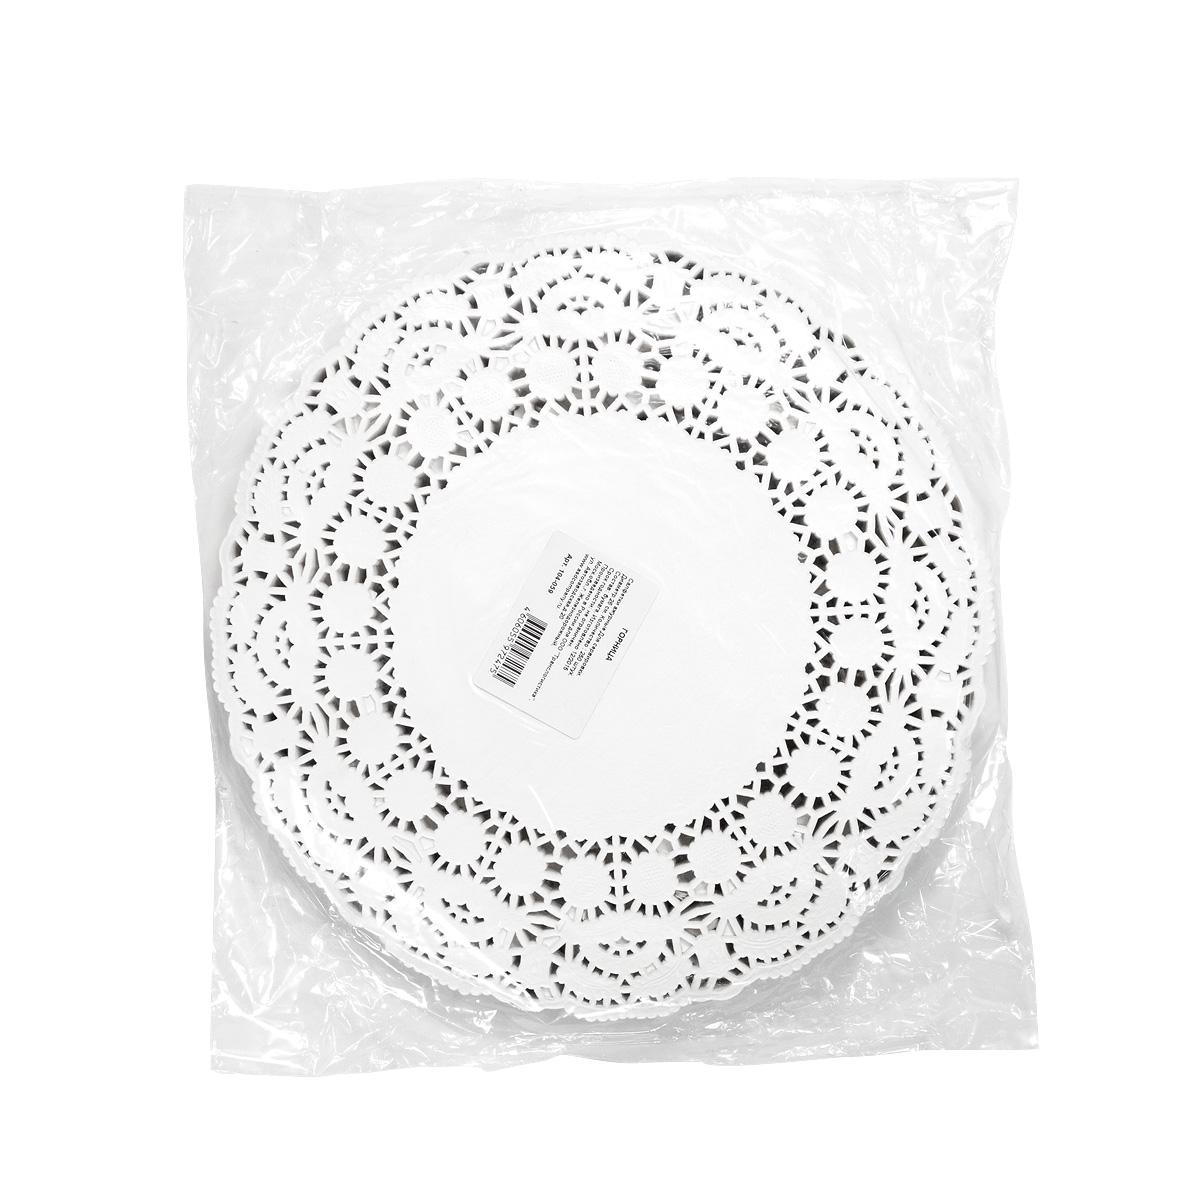 Салфетки бумажные Aviora, ажурные, диаметр 26 см, 250 шт104-059 Произведены в России безопасные при контакте с пищей изысканный узор по контуру салфетокПредназначены для сервировки стола.Используются для красивой подачи тортов и пирожных. Оригинально смотрятся столовые приборы. Небольшие диаметры используются для подачи чая / кофе.